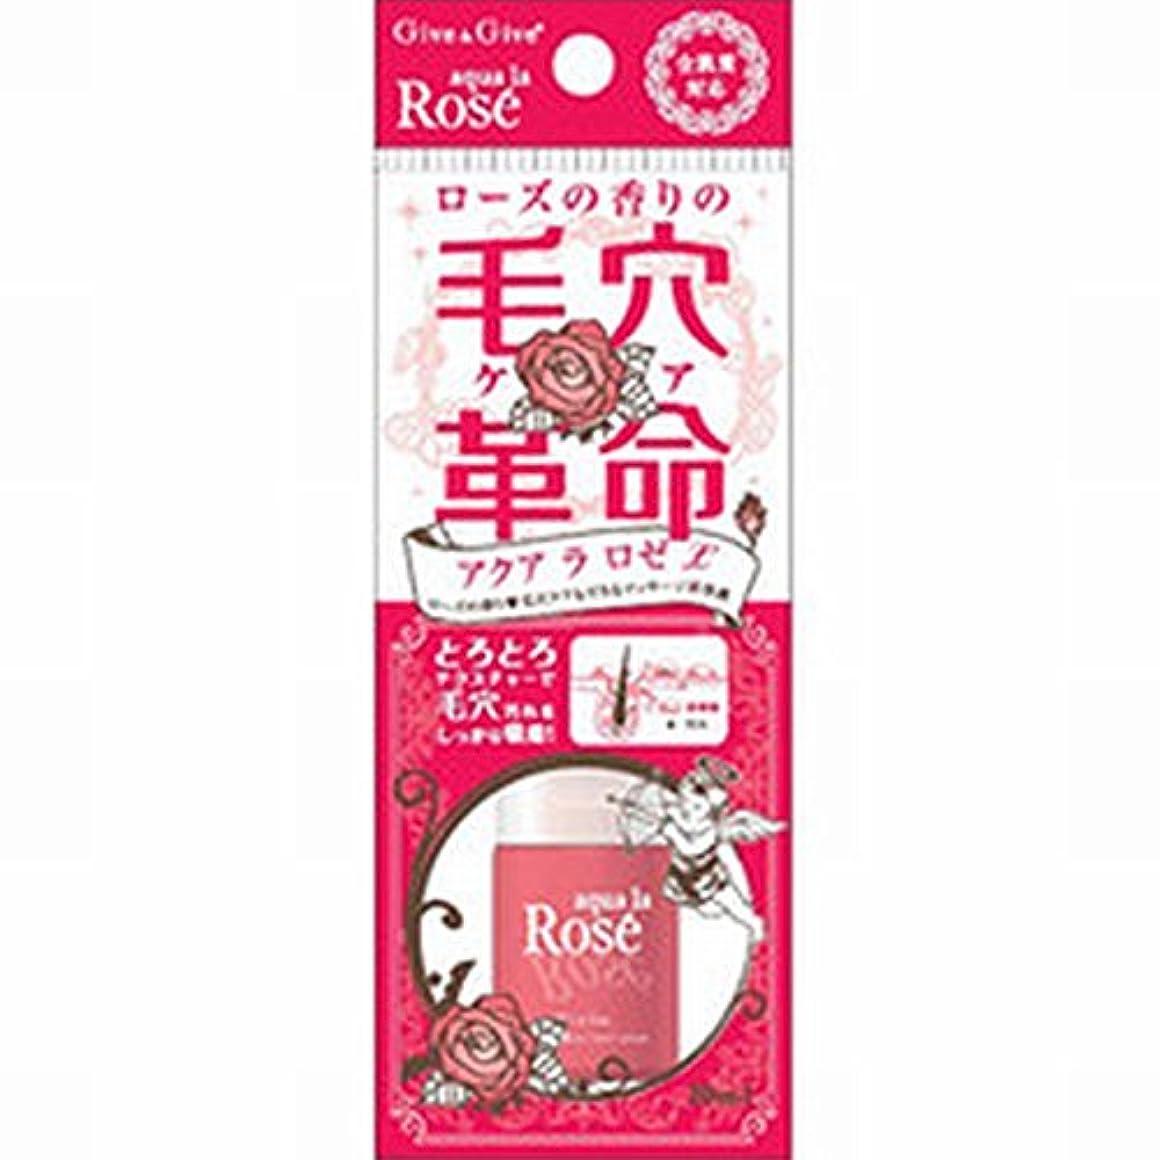 ふくろう単語免疫毛穴革命 アクア ラ ロゼ L (お試しサイズ) ローズの香り 10ml